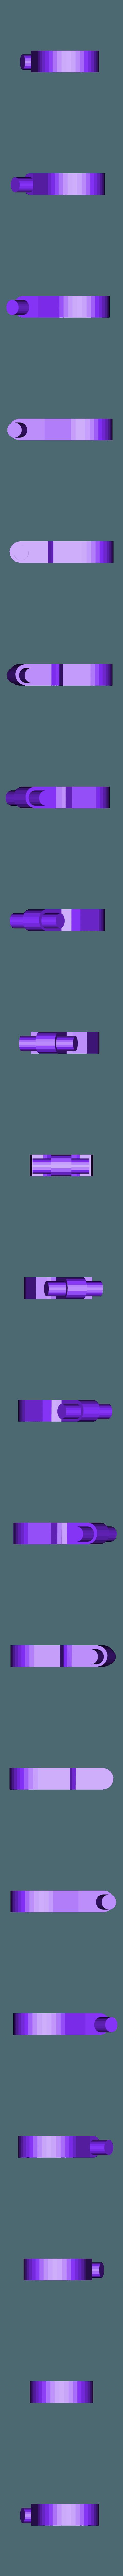 Orientation_verticale.STL Download STL file SNCF lighting pylon • 3D printable object, dede34500